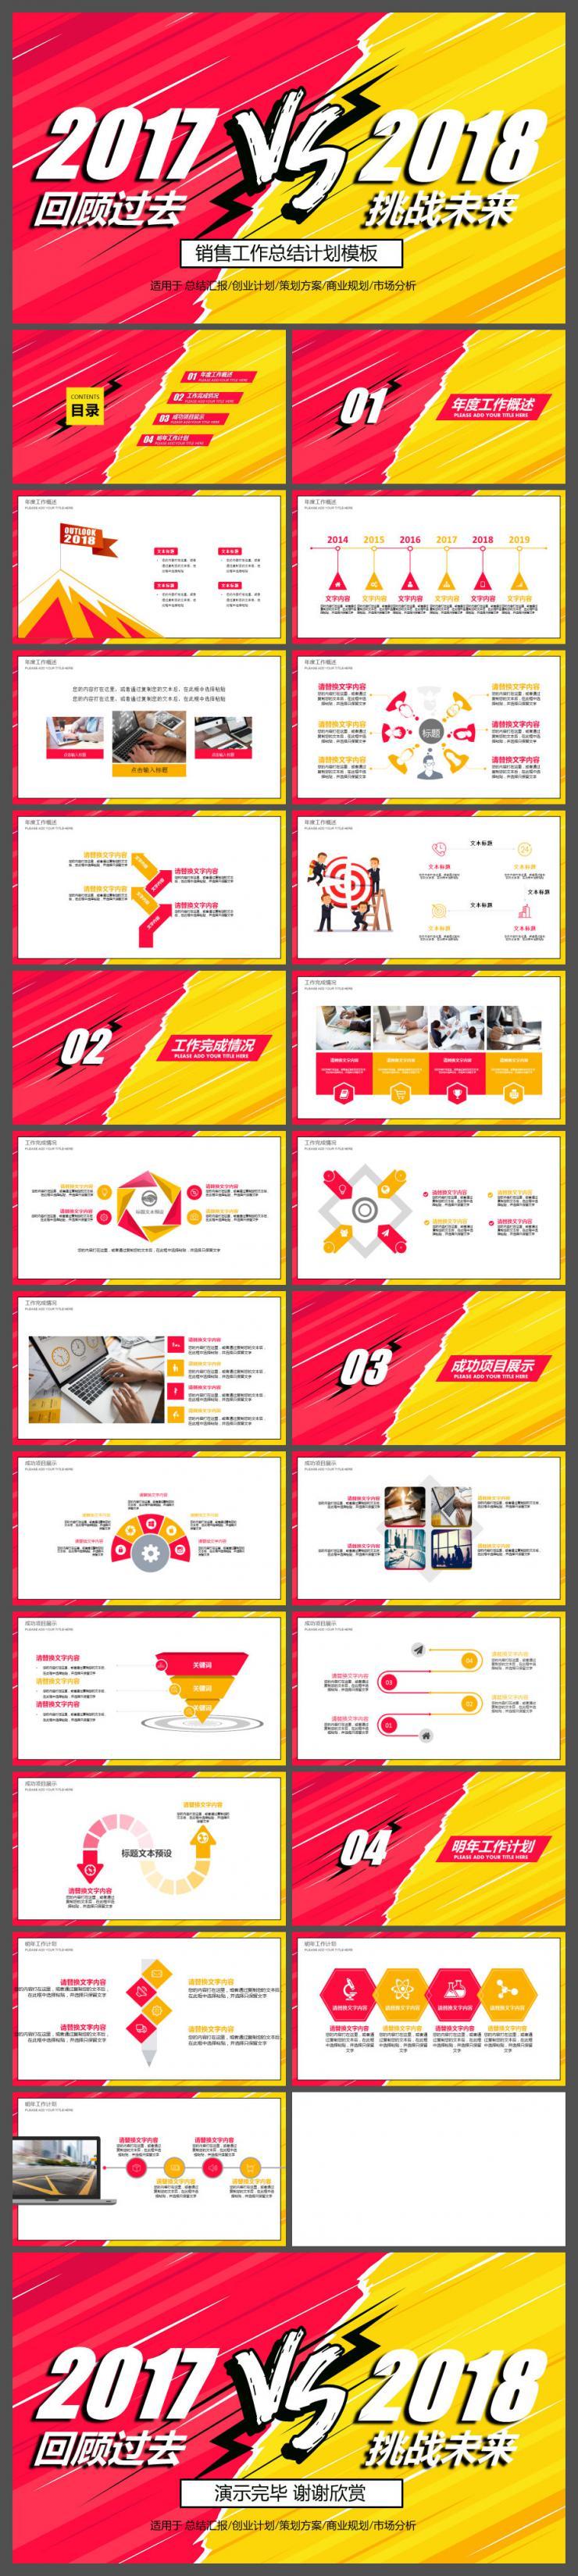 时尚炫酷销售年终工作总结计划PPT模板